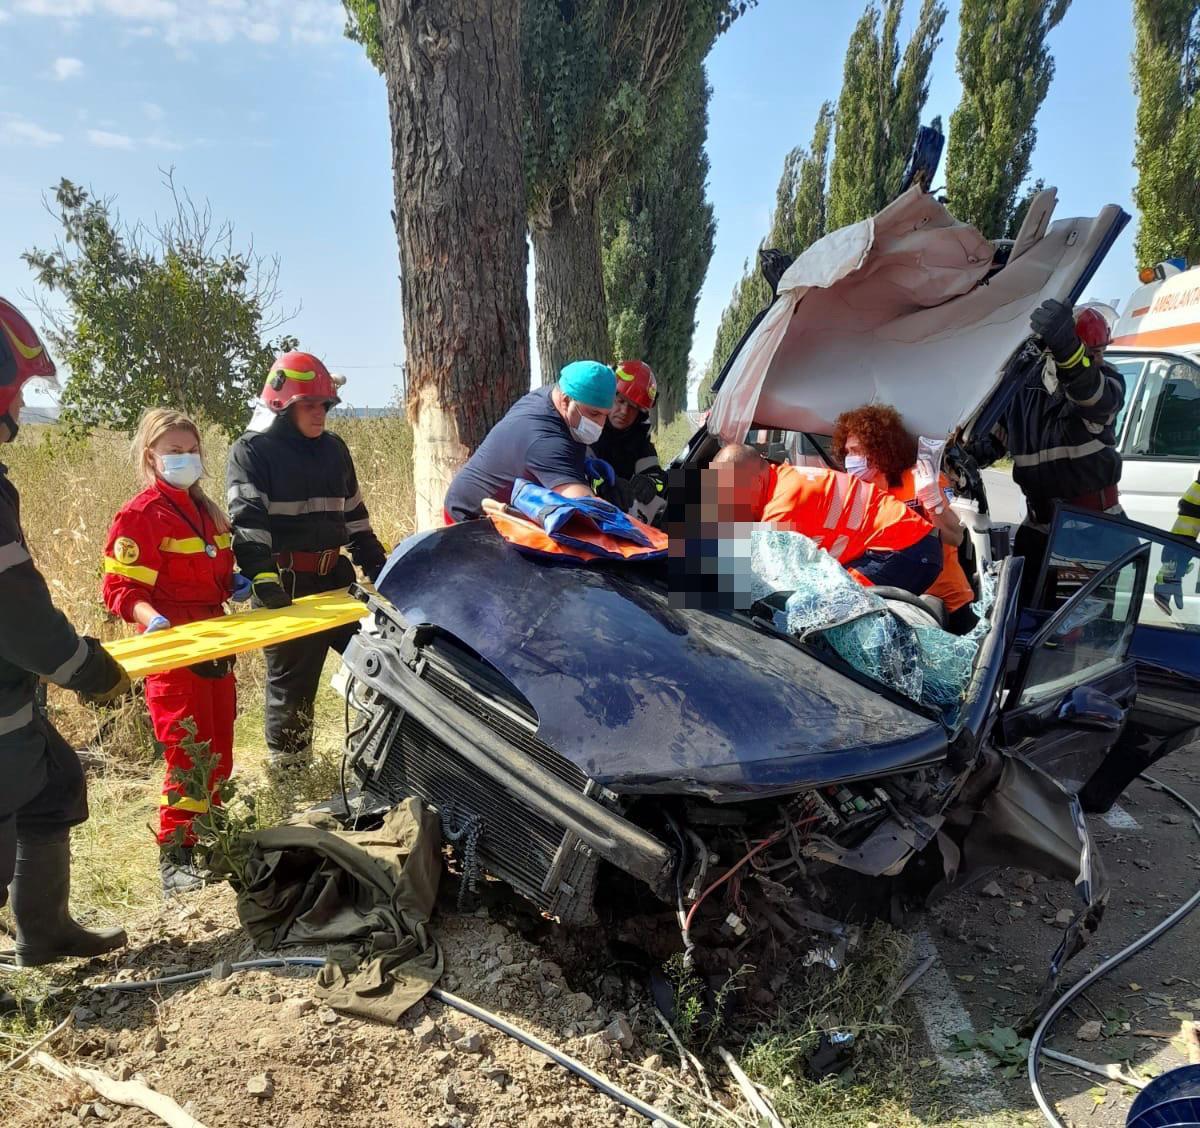 Soț și soție în stare critică, după ce au intrat cu mașina într-un copac în apropiere de localitatea Greci! A intervenit și elicopterul Smurd!